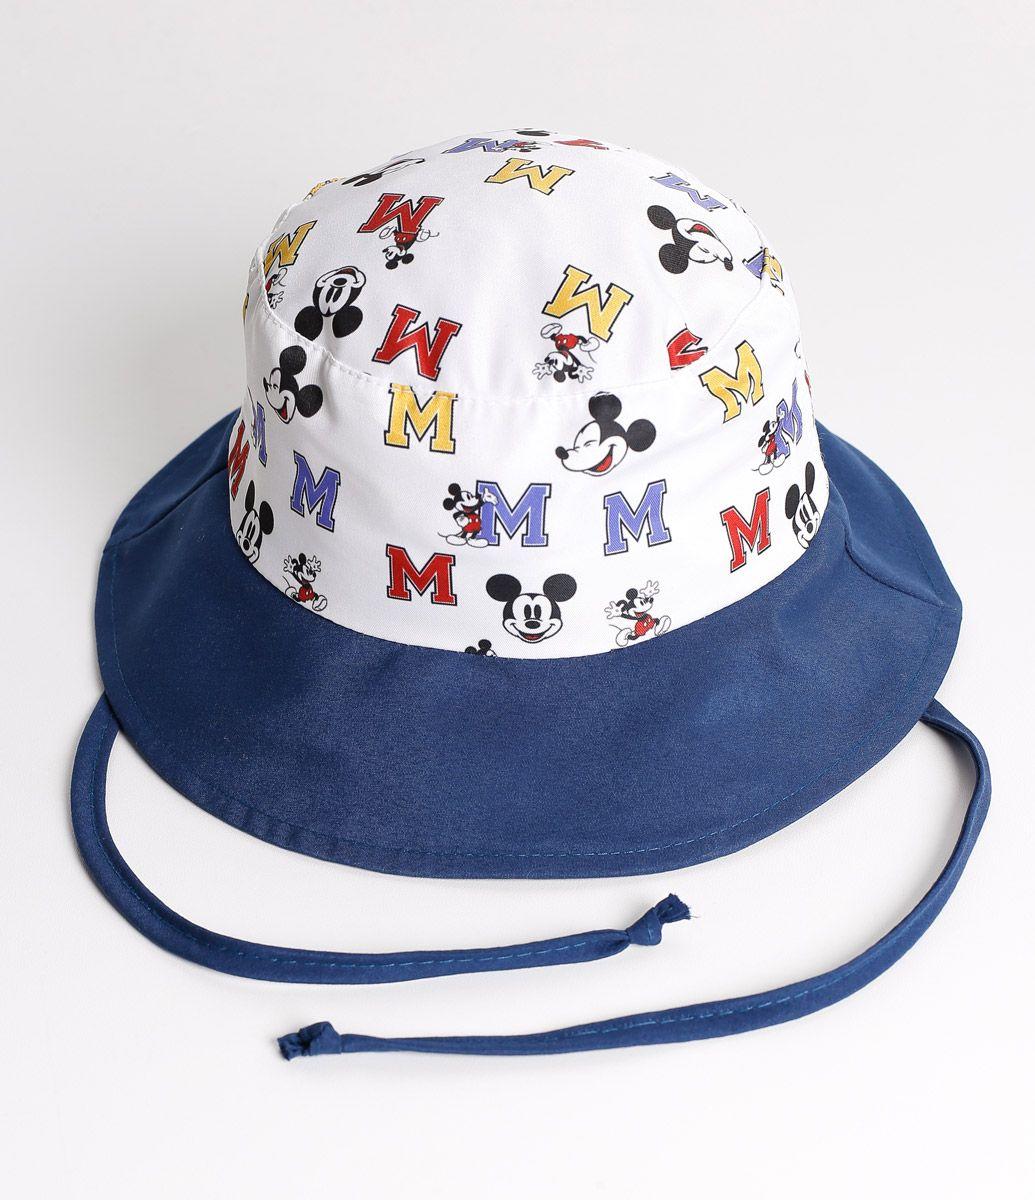 Chapéu infantil Autraliano Estampado Marca  Mickey Mouse Tecido  microfibra  TABELA DE TAMANHOS P – 0 a 6 meses M – 6 a 12 meses G – 1 a 4 anos Veja  outras ... 9476eeda22d